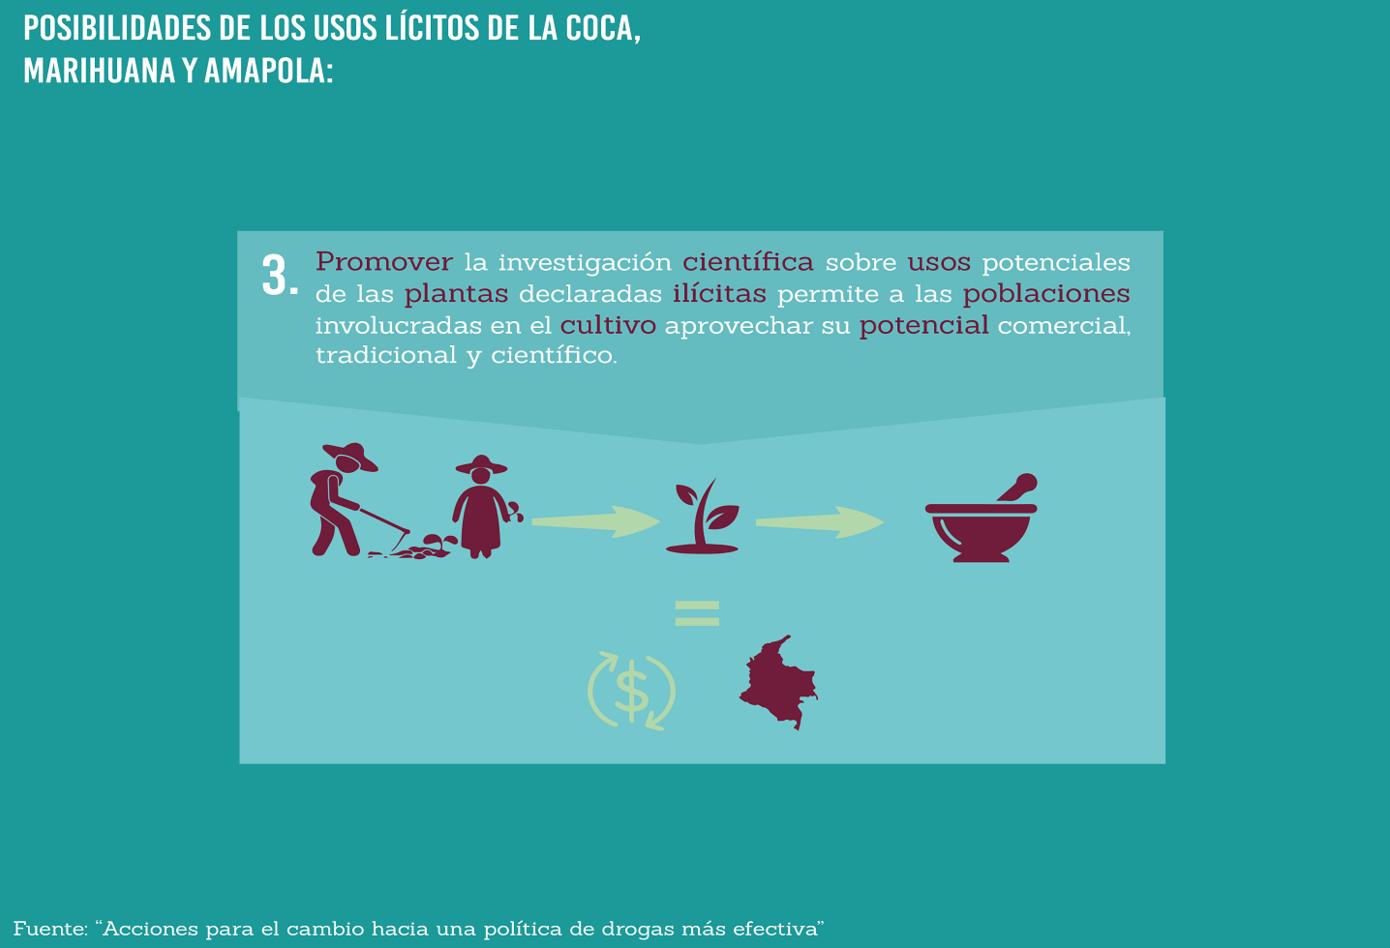 Recomendaciones nueva política antidrogas